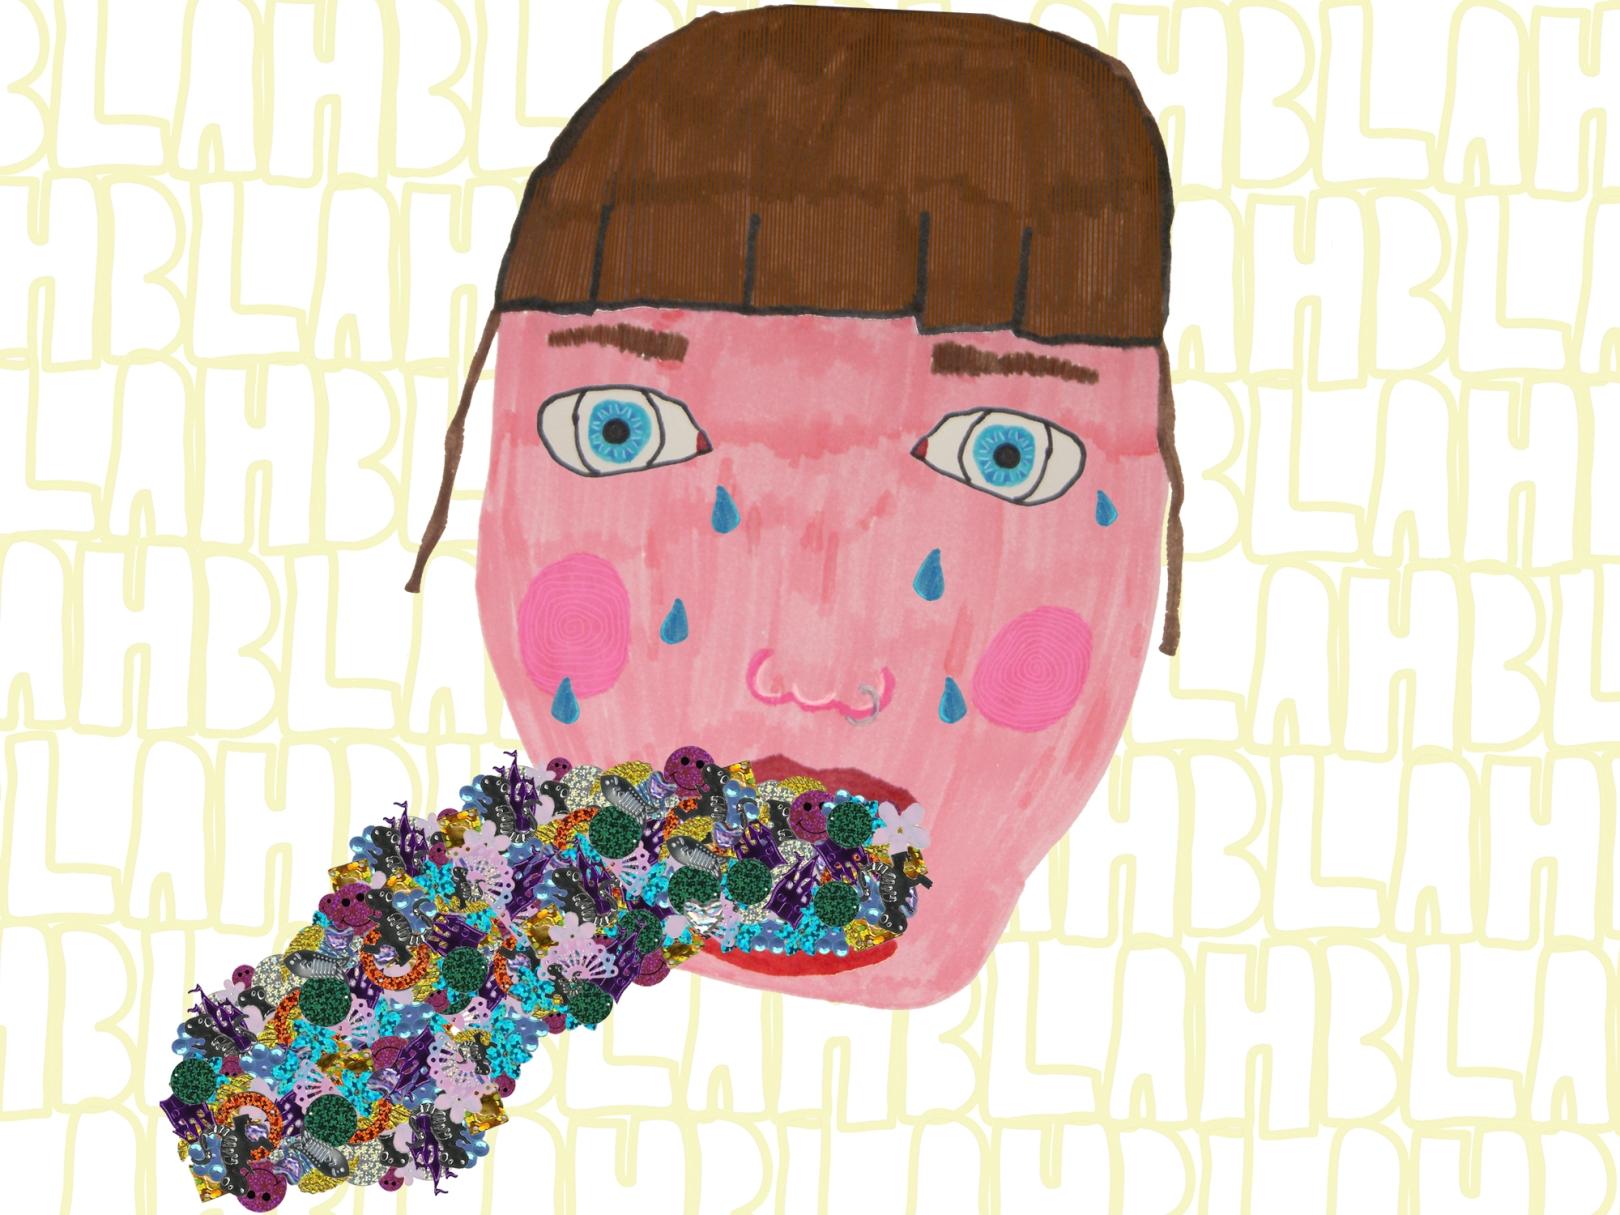 Illustration by Charlie Mock.